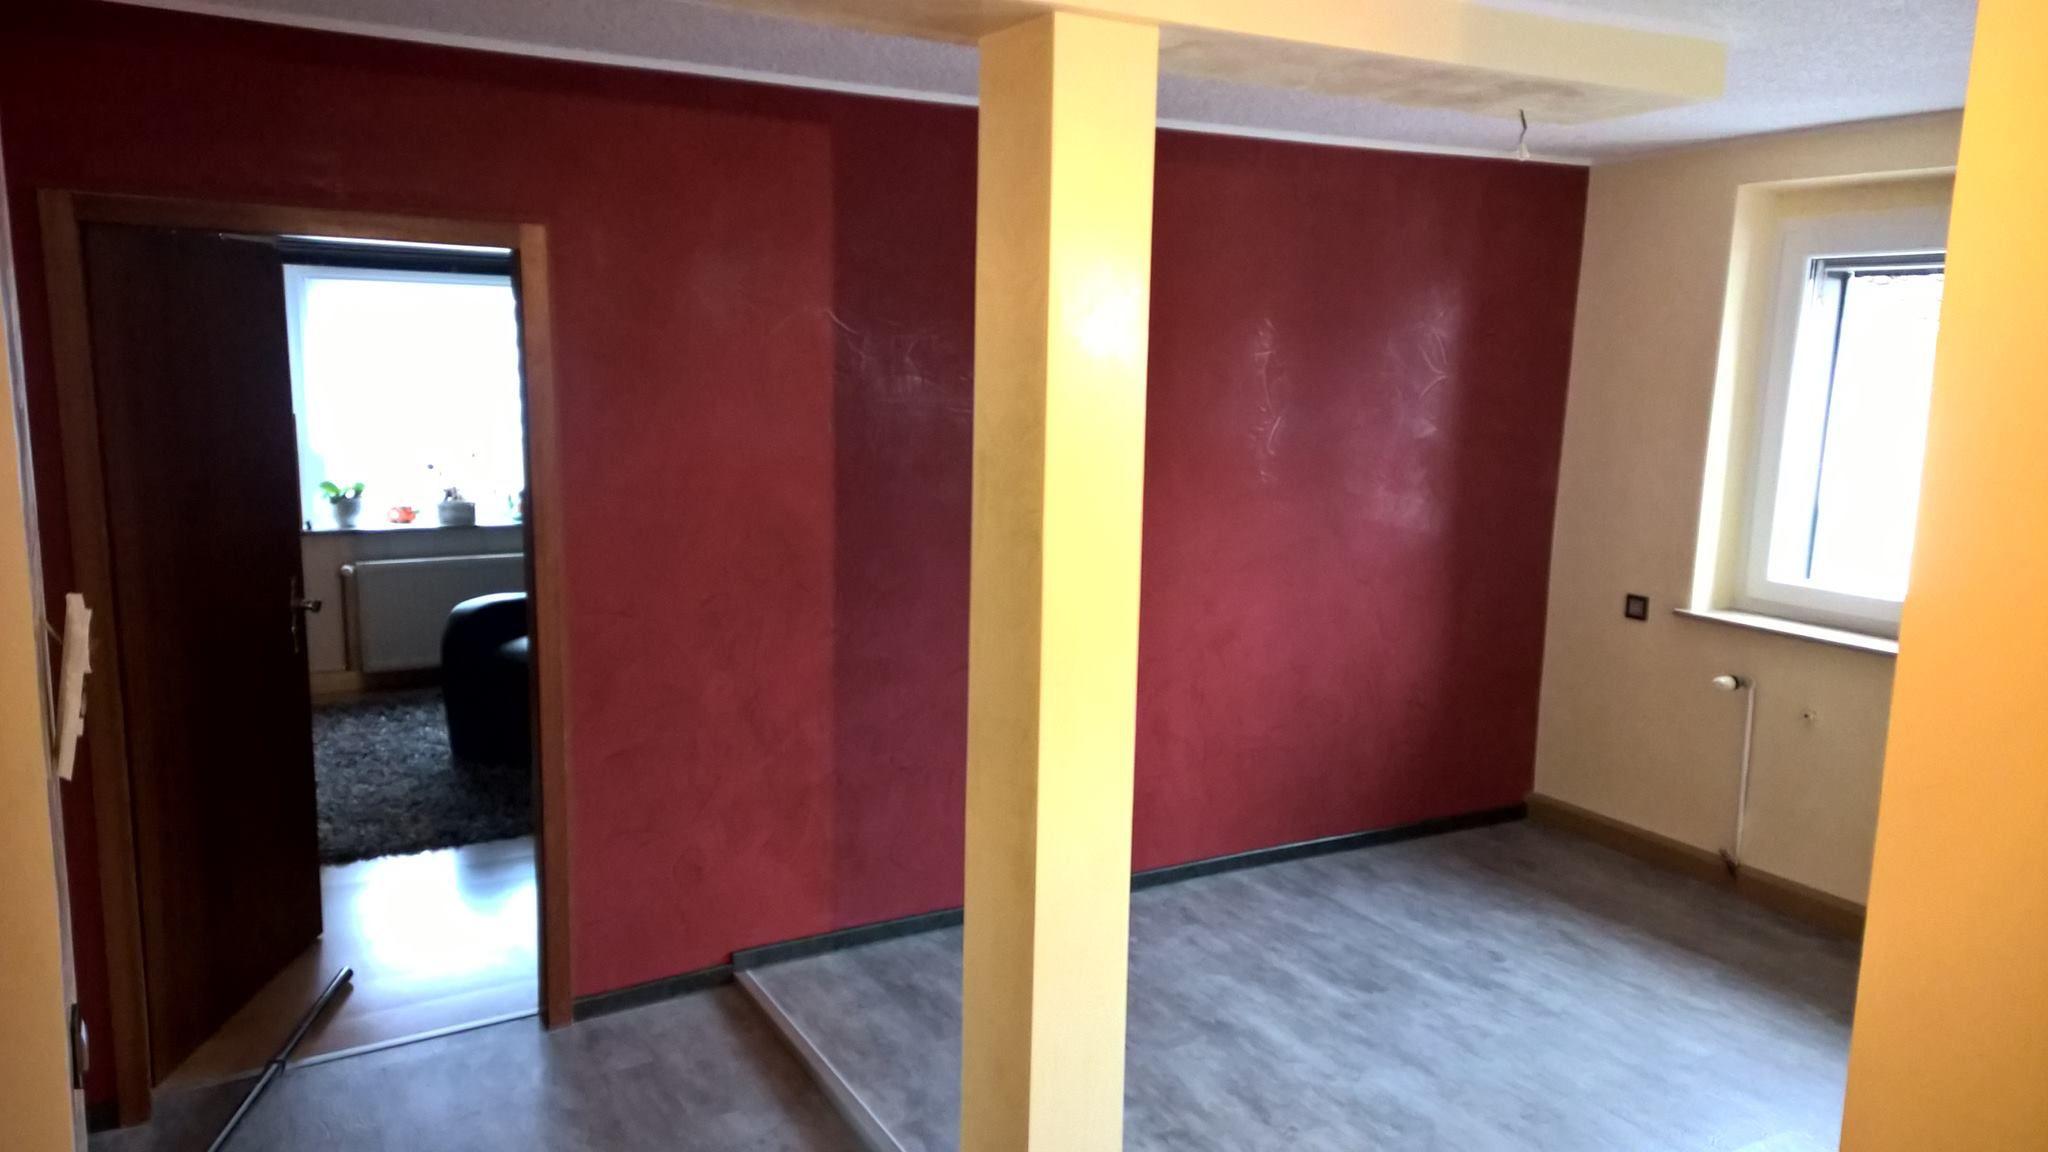 Esszimmergestaltung Mit Stucco Veneziano In Gelb. Akzentuiert Mit Einer  Akzentfläche In Kräftigem Rot